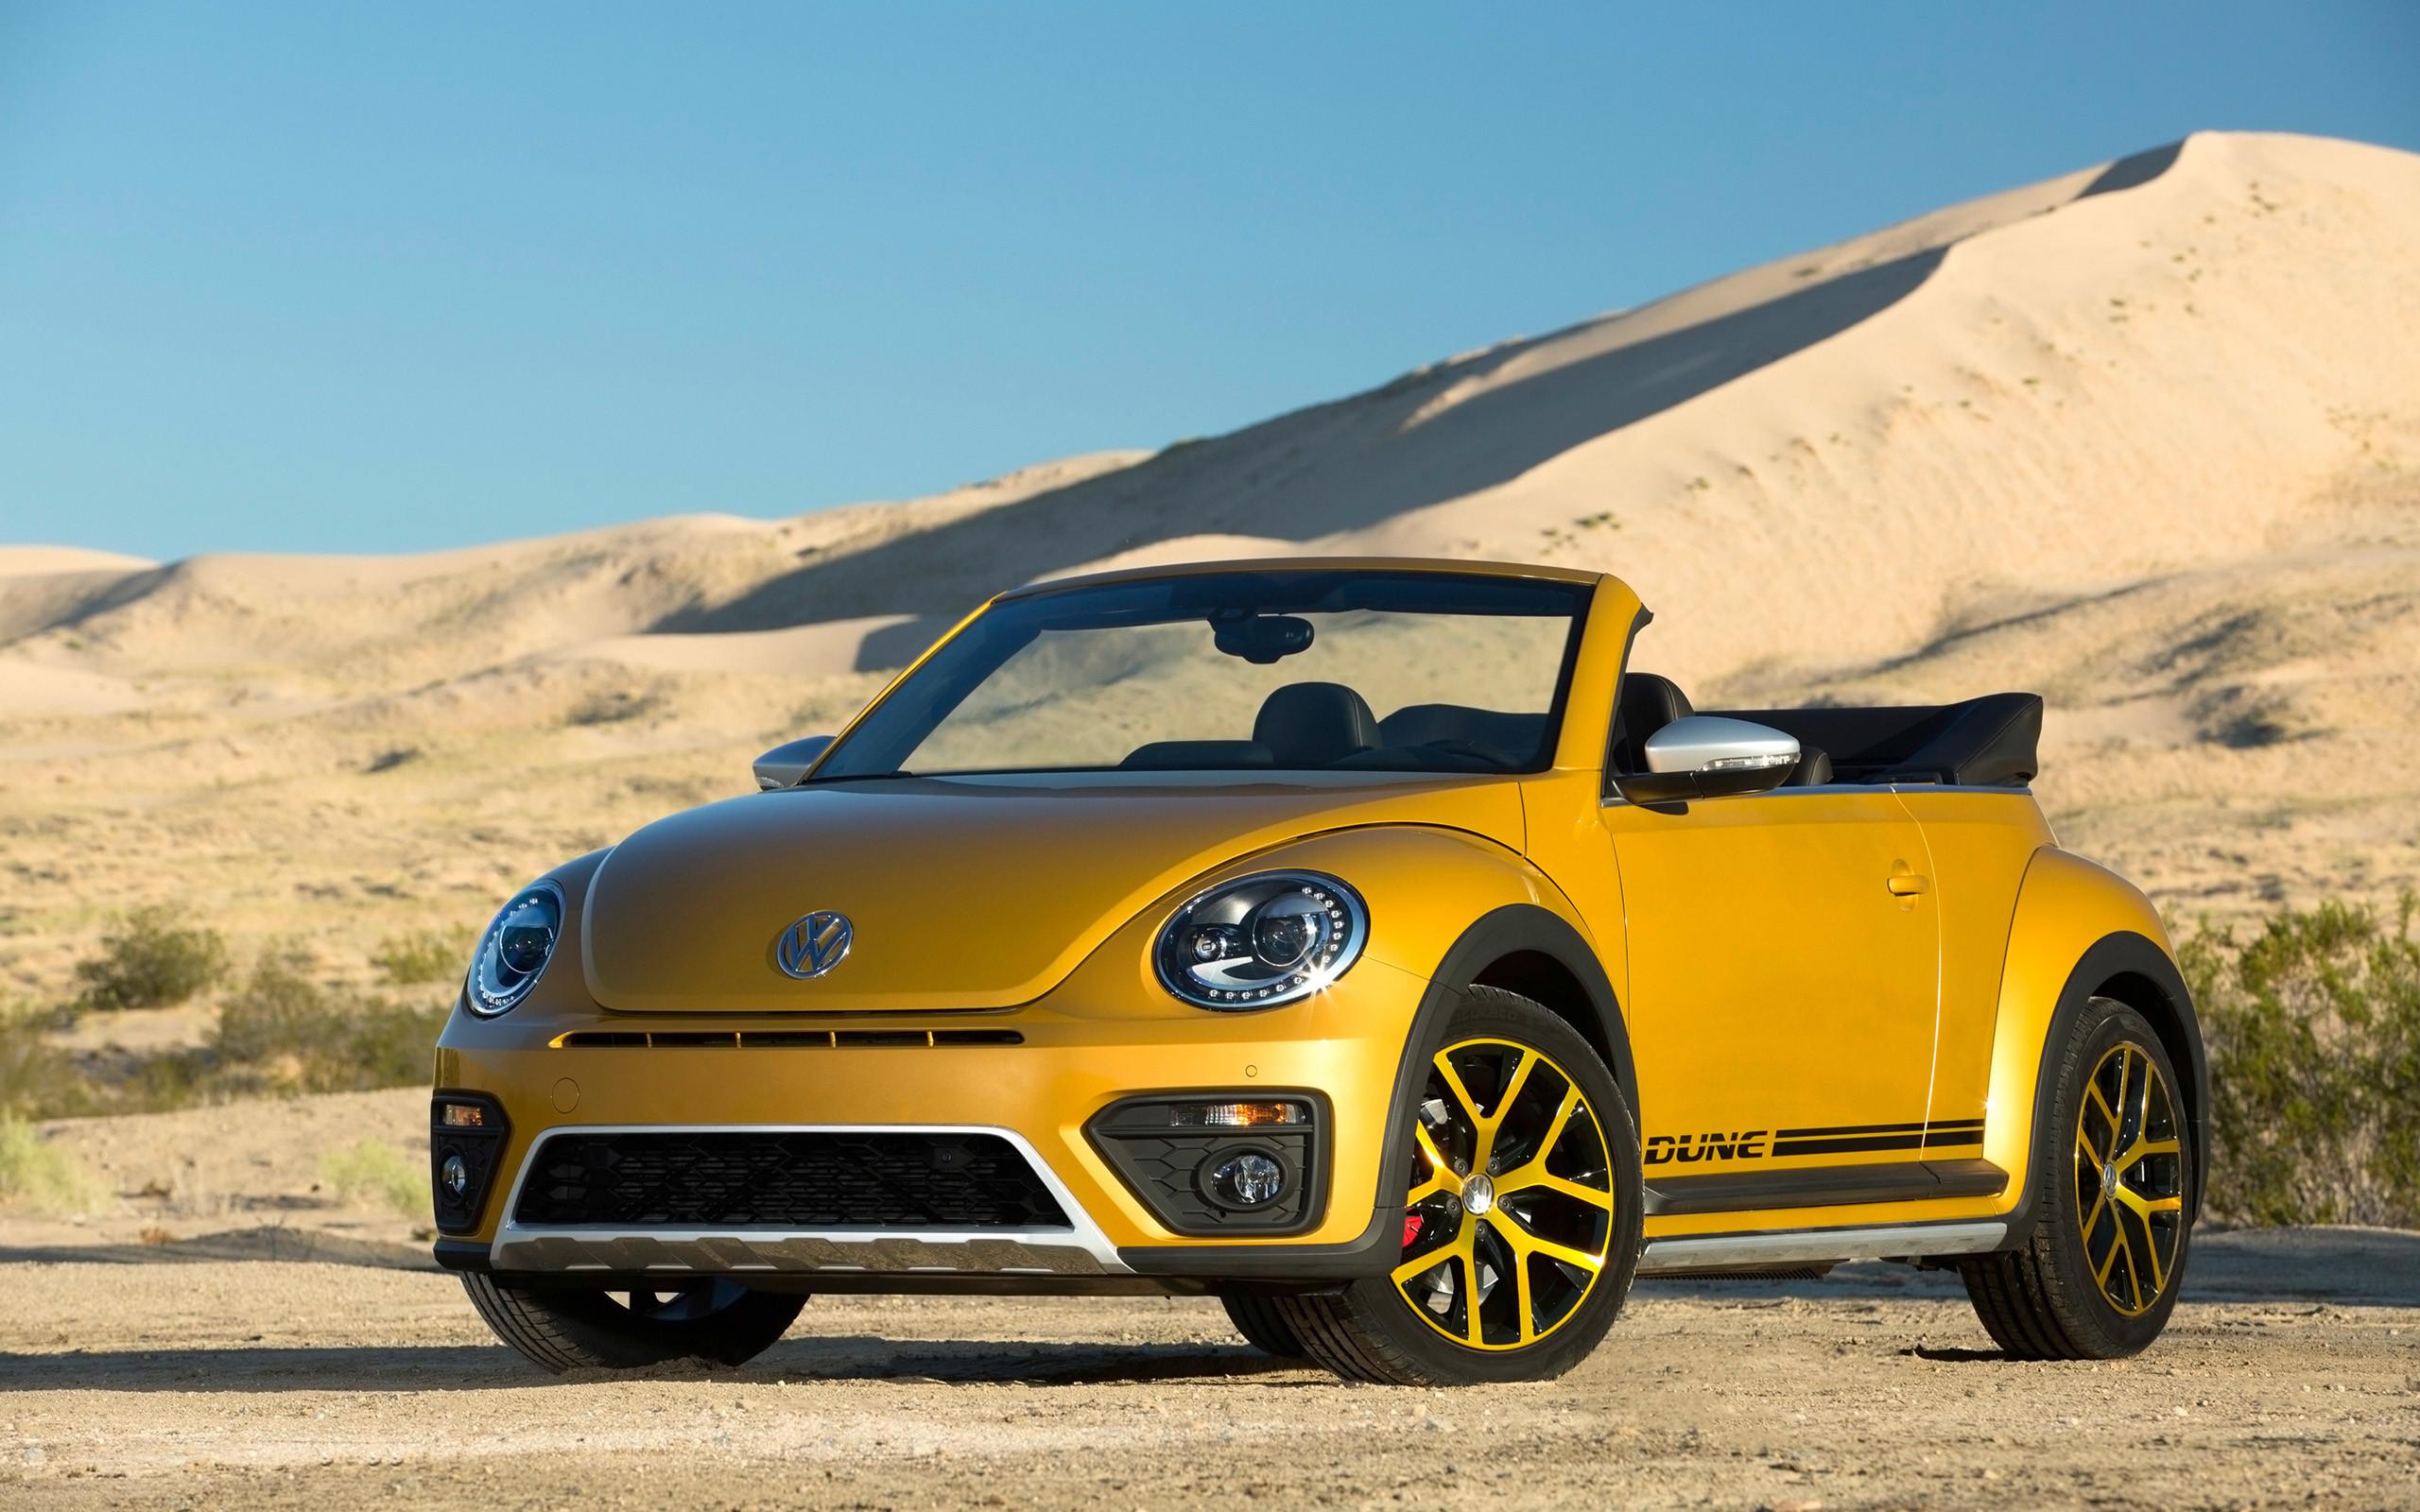 2016 Volkswagen Beetle Dune Convertible